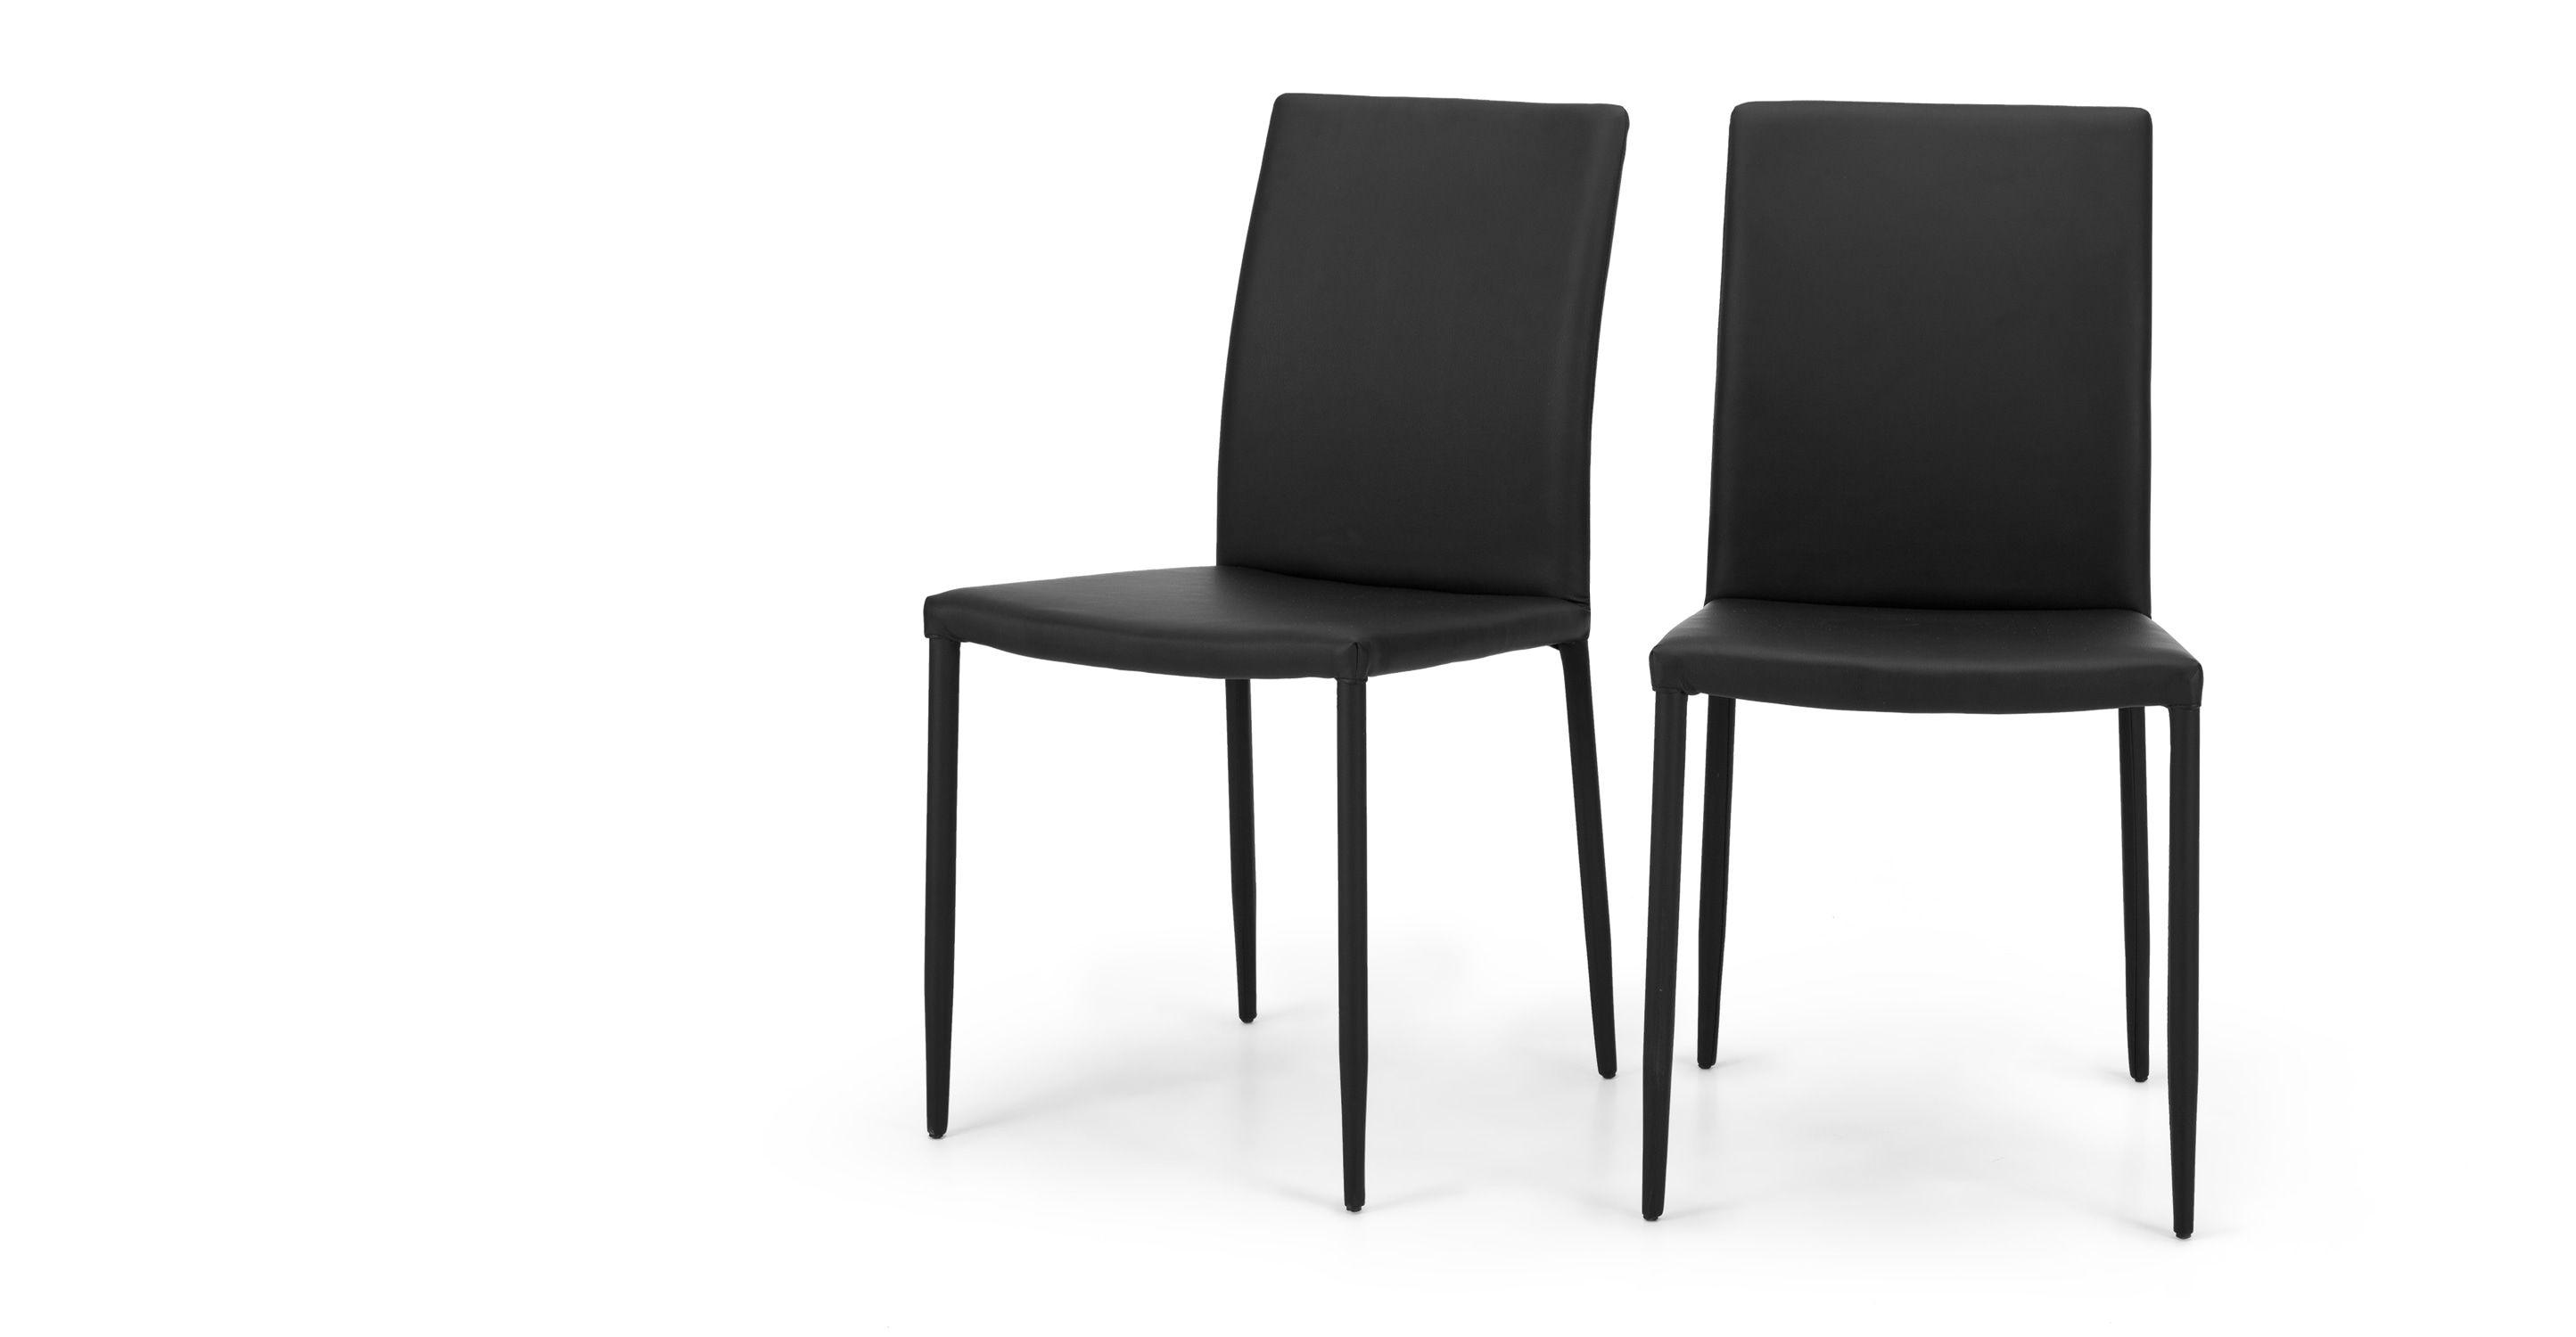 2 X Braga Esszimmerstühle Leder In Onyxschwarz Madecom Jetzt